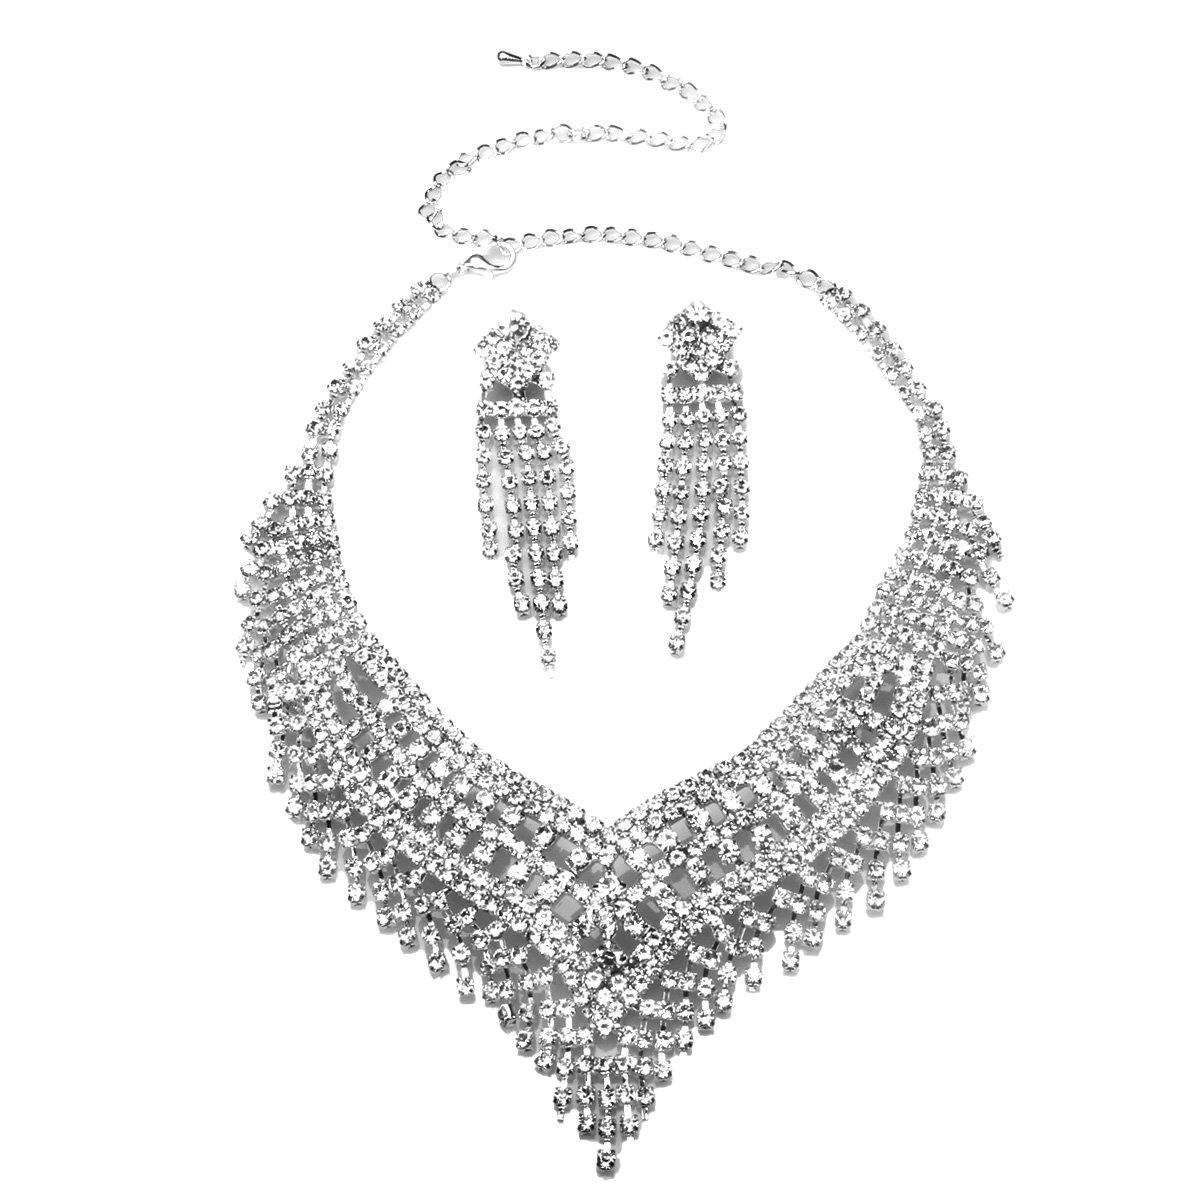 Pixnor Bijoux de mariage affecte argent Cz cristal strass glands dé claration collier et boucles d'oreilles bijoux pour les marié es